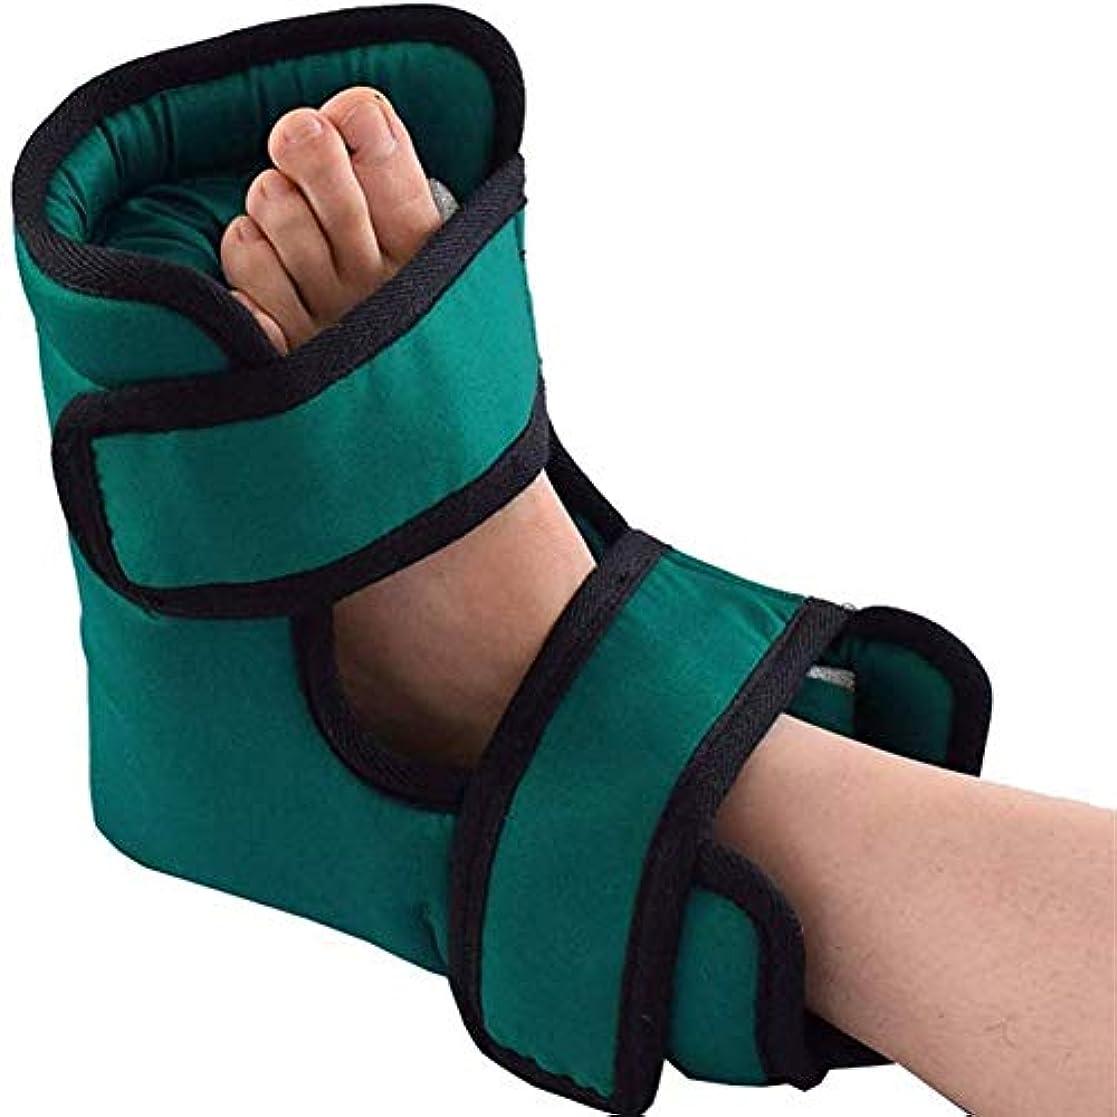 社会科王朝破滅ヒールクッションプロテクター - 足と足首の枕 - ヒール保護ガード - 足、肘、かかと - ベッド&褥瘡を保護します,2pc